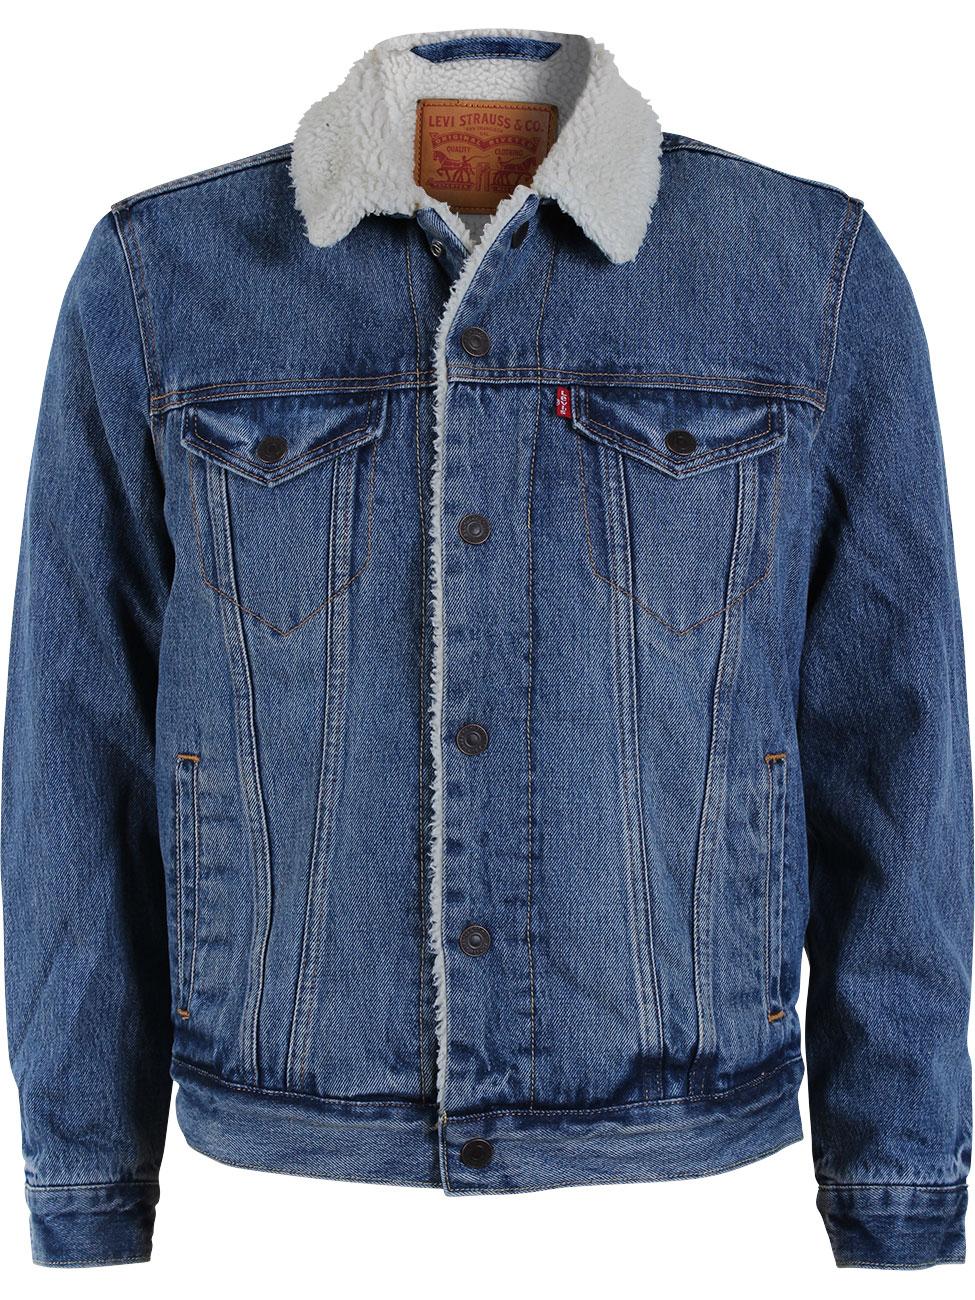 Jackenpardy bei Jeans Direct mit 50% Rabatt alle Modelle (Sale inkl & kein MBW) z.B. Levis® Herren Jeansjacke Sherpa Trucker